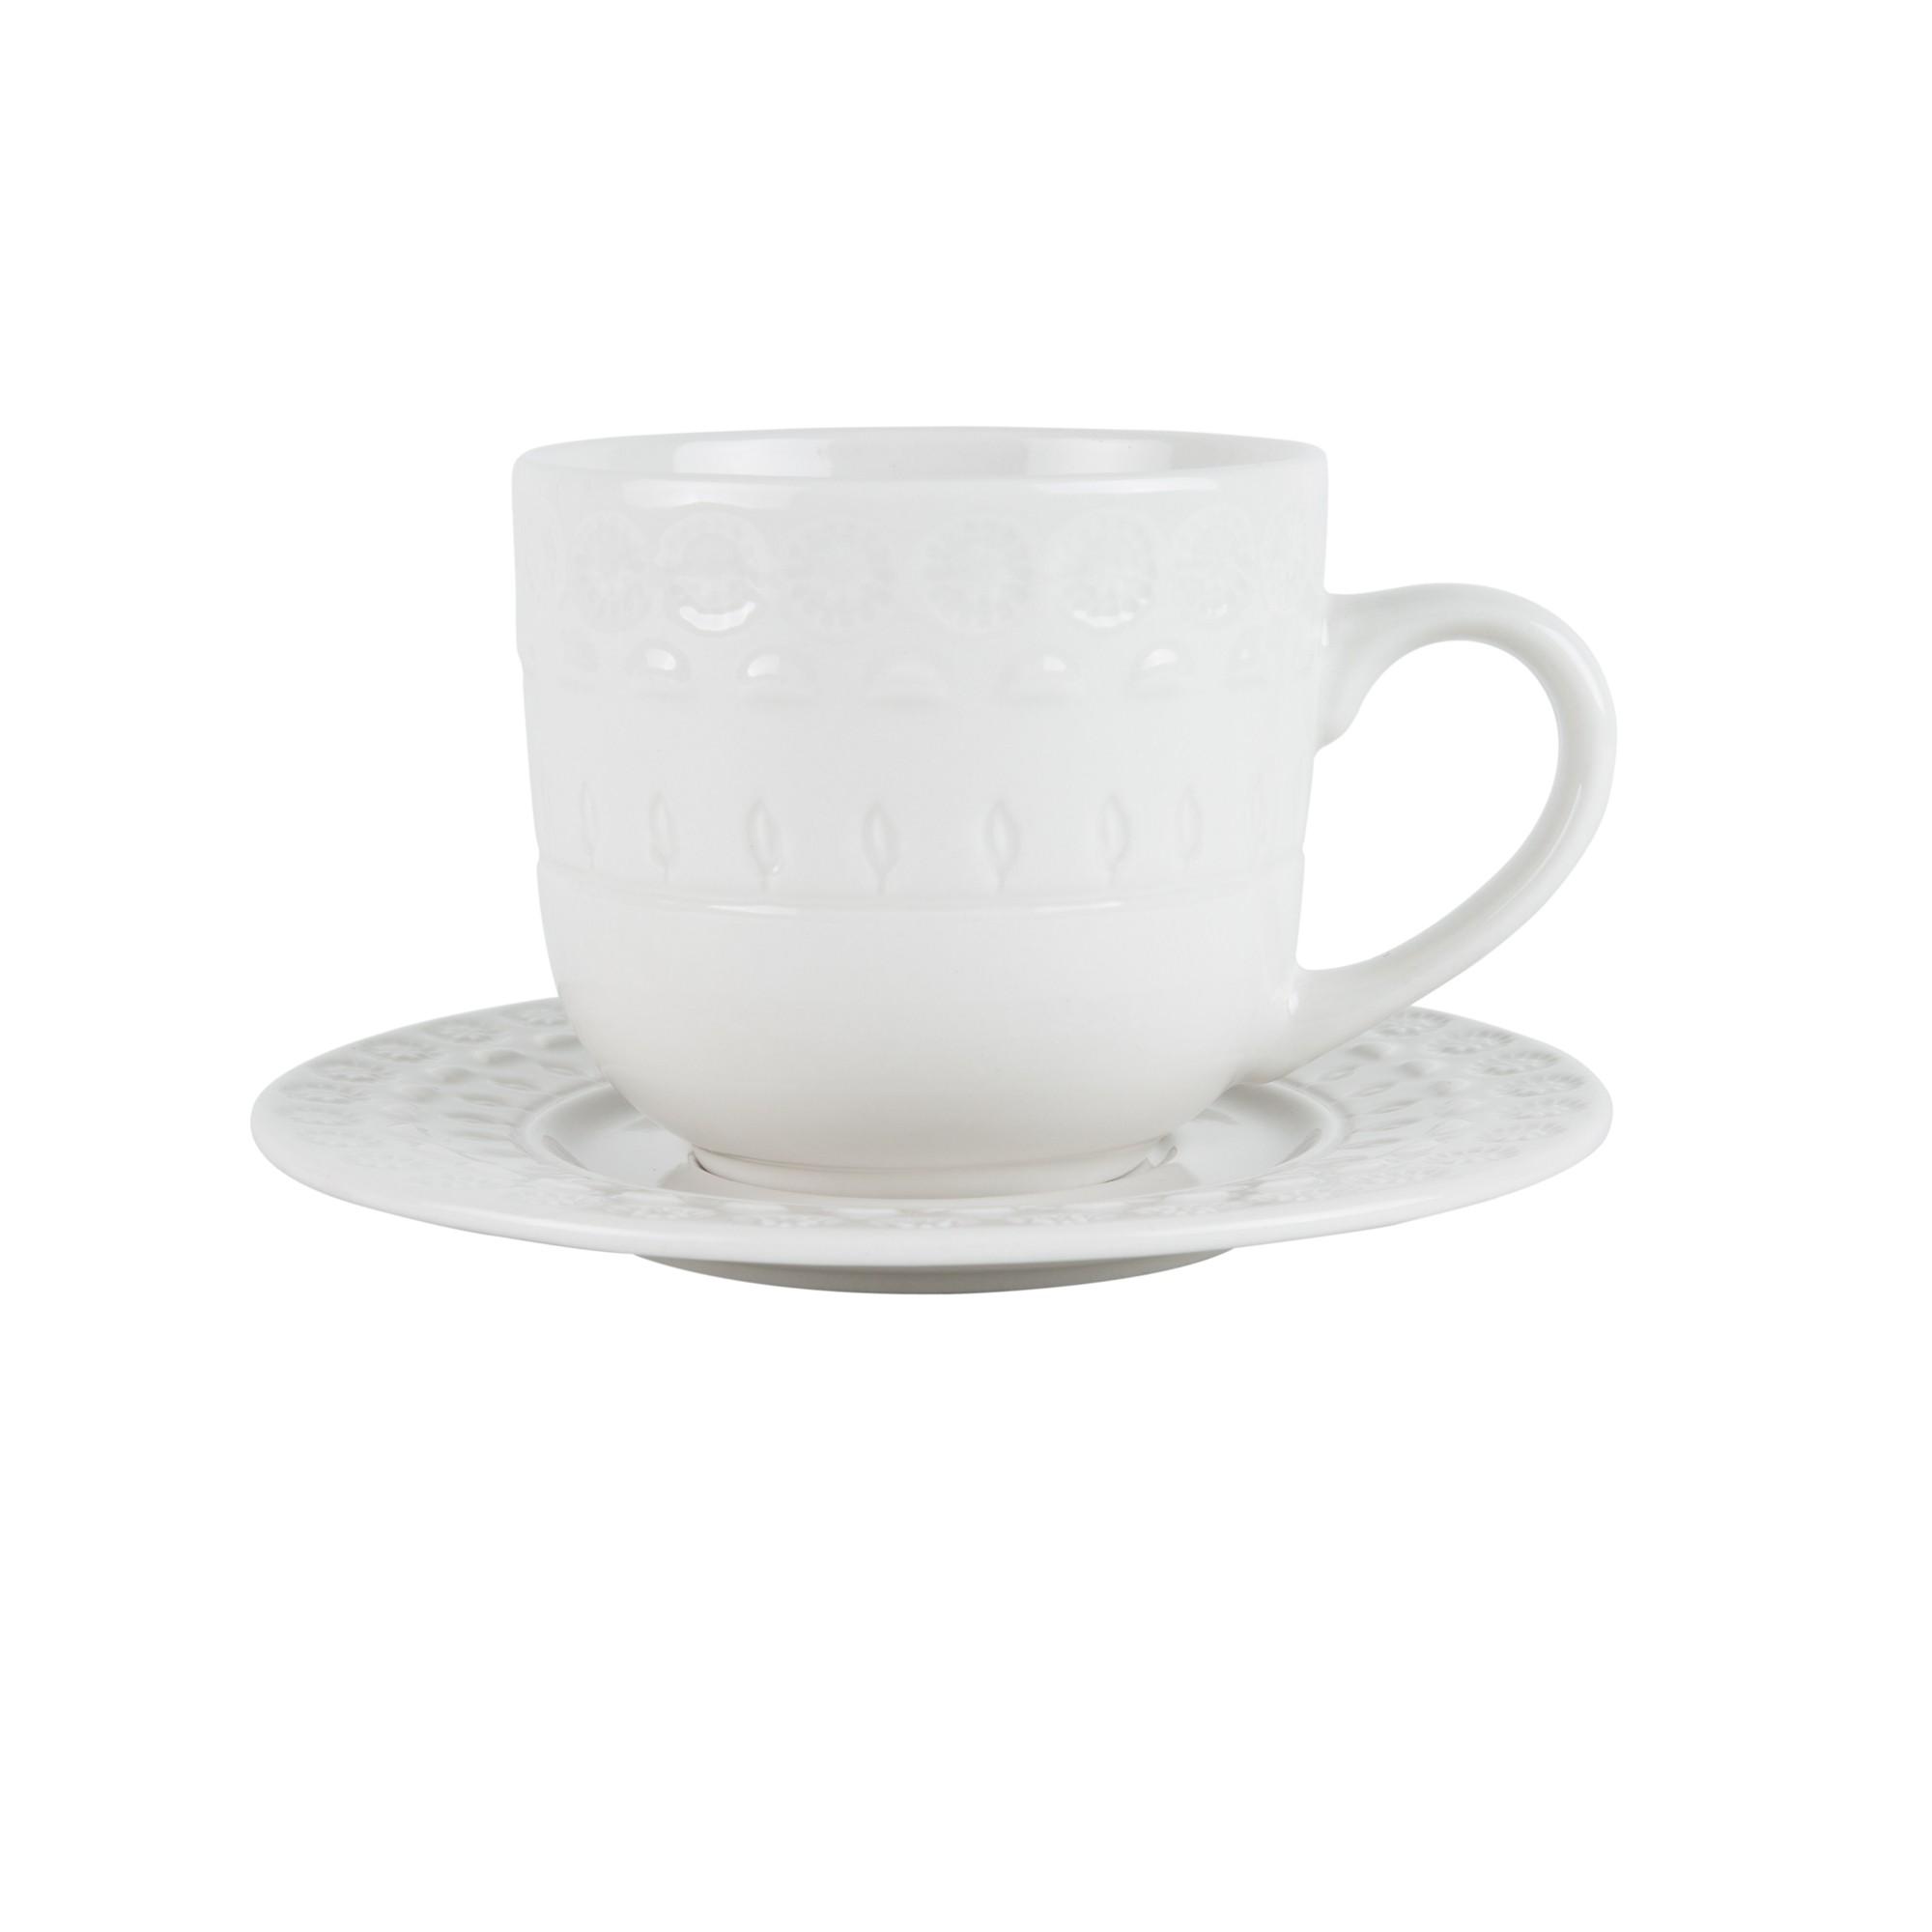 Jogo 4 xícaras 250ml para chá de porcelana branco com pires Grace Wolff - 17579